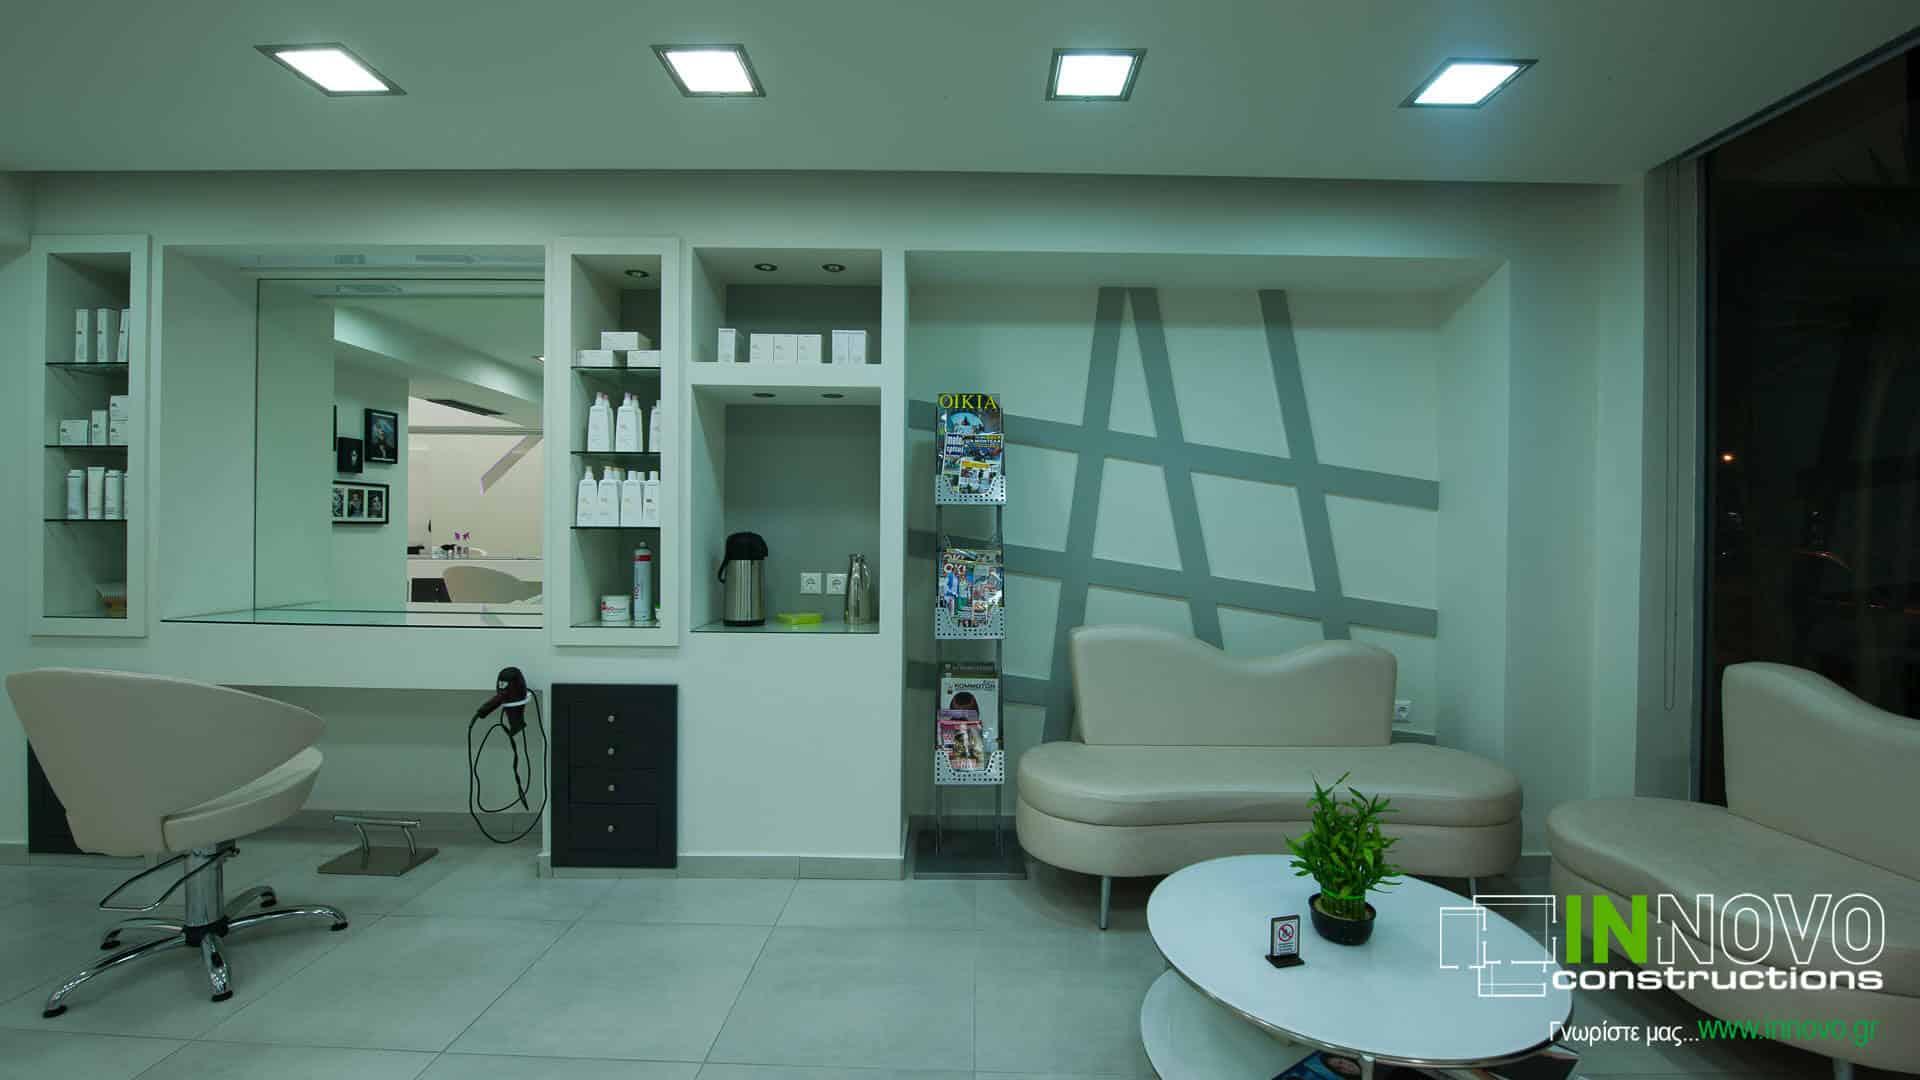 kataskevi-kommotiriou-hairdressers-construction-kommotirio-renti-1365-3